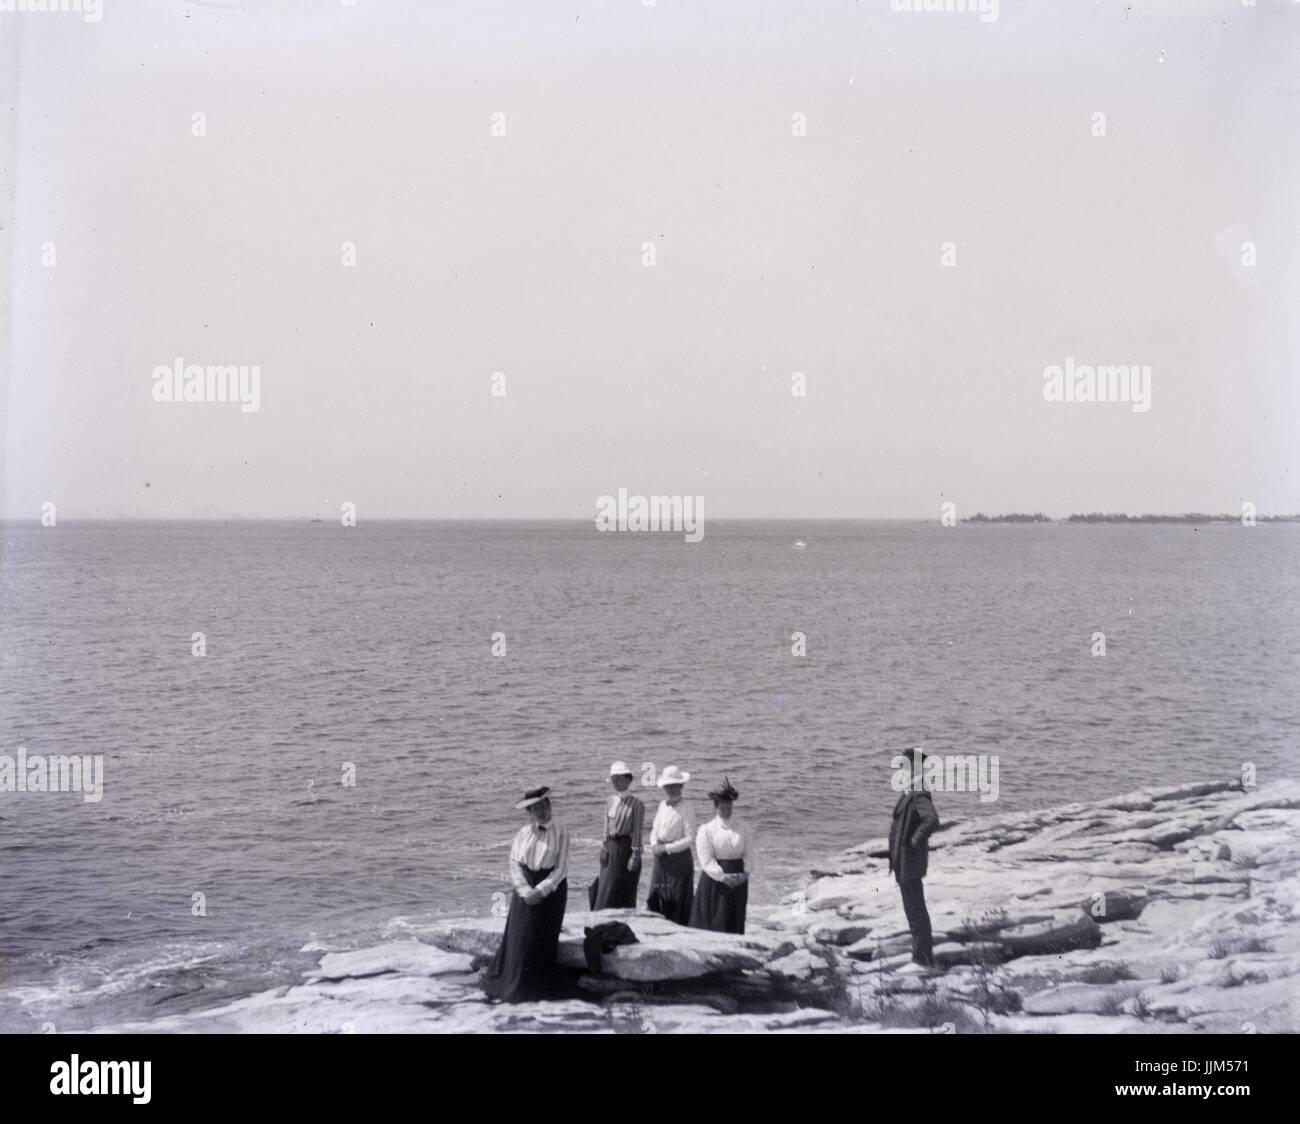 Antike c1910 Foto, fünf Personen an einem küstennahen Standort. Ort unbekannt, möglicherweise Rhode Island, USA. Stockfoto